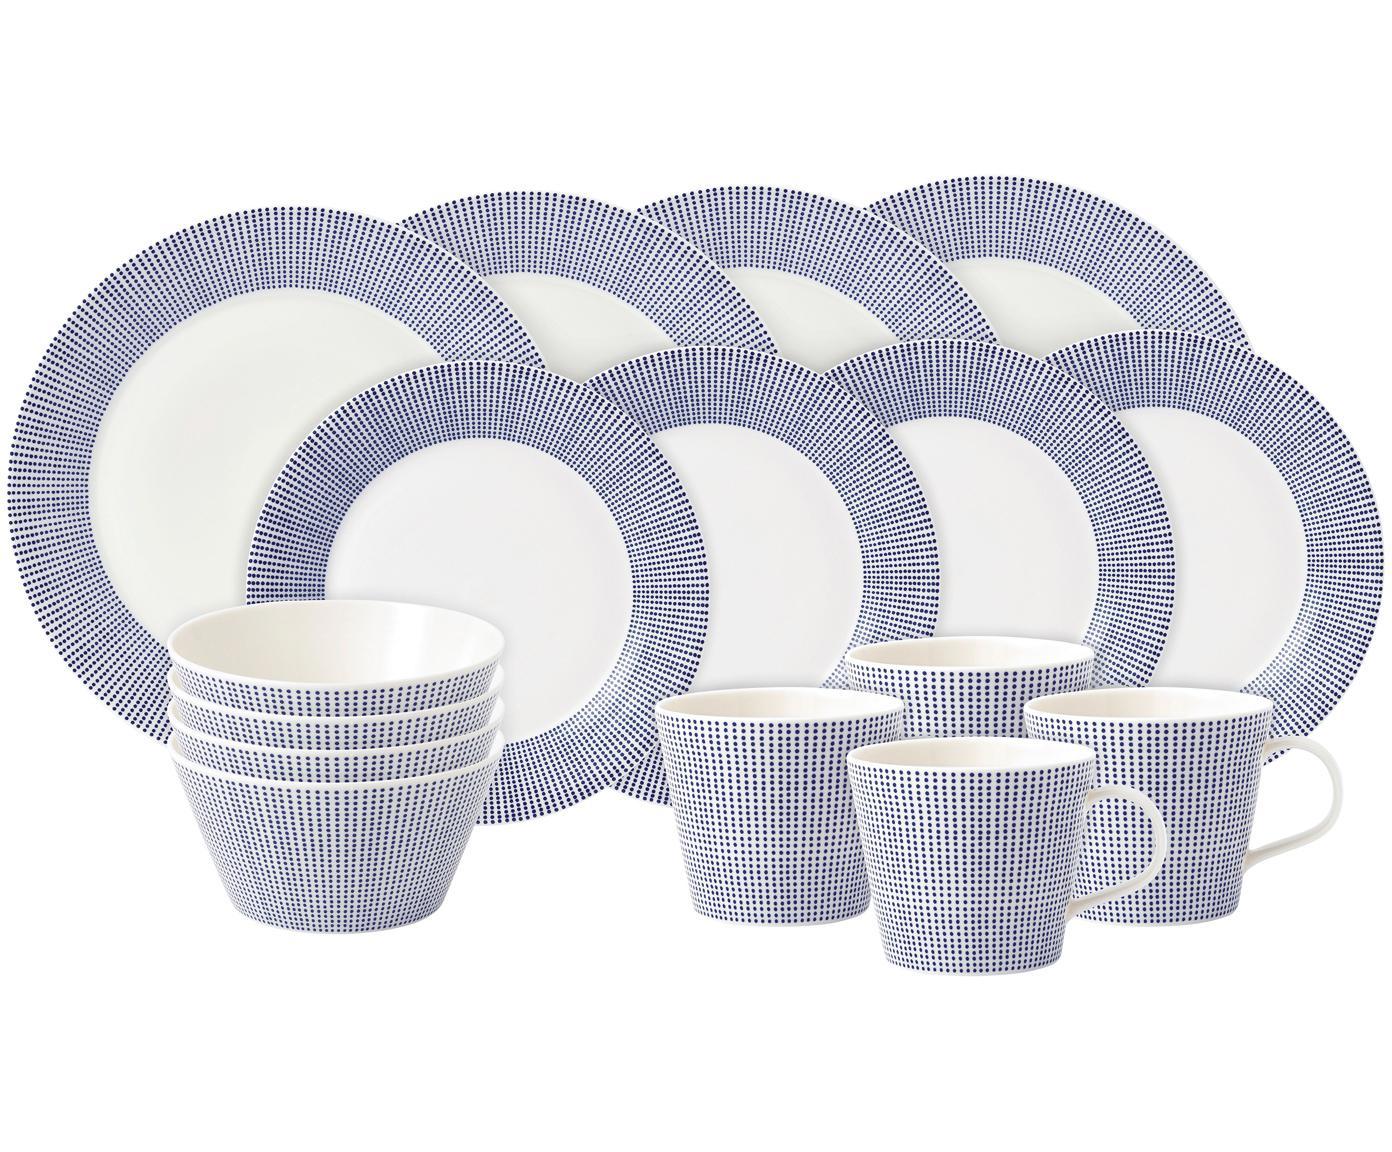 Vajilla Pacific, 4comensales (16 pzas.), Porcelana, Blanco, azul, Tamaños diferentes